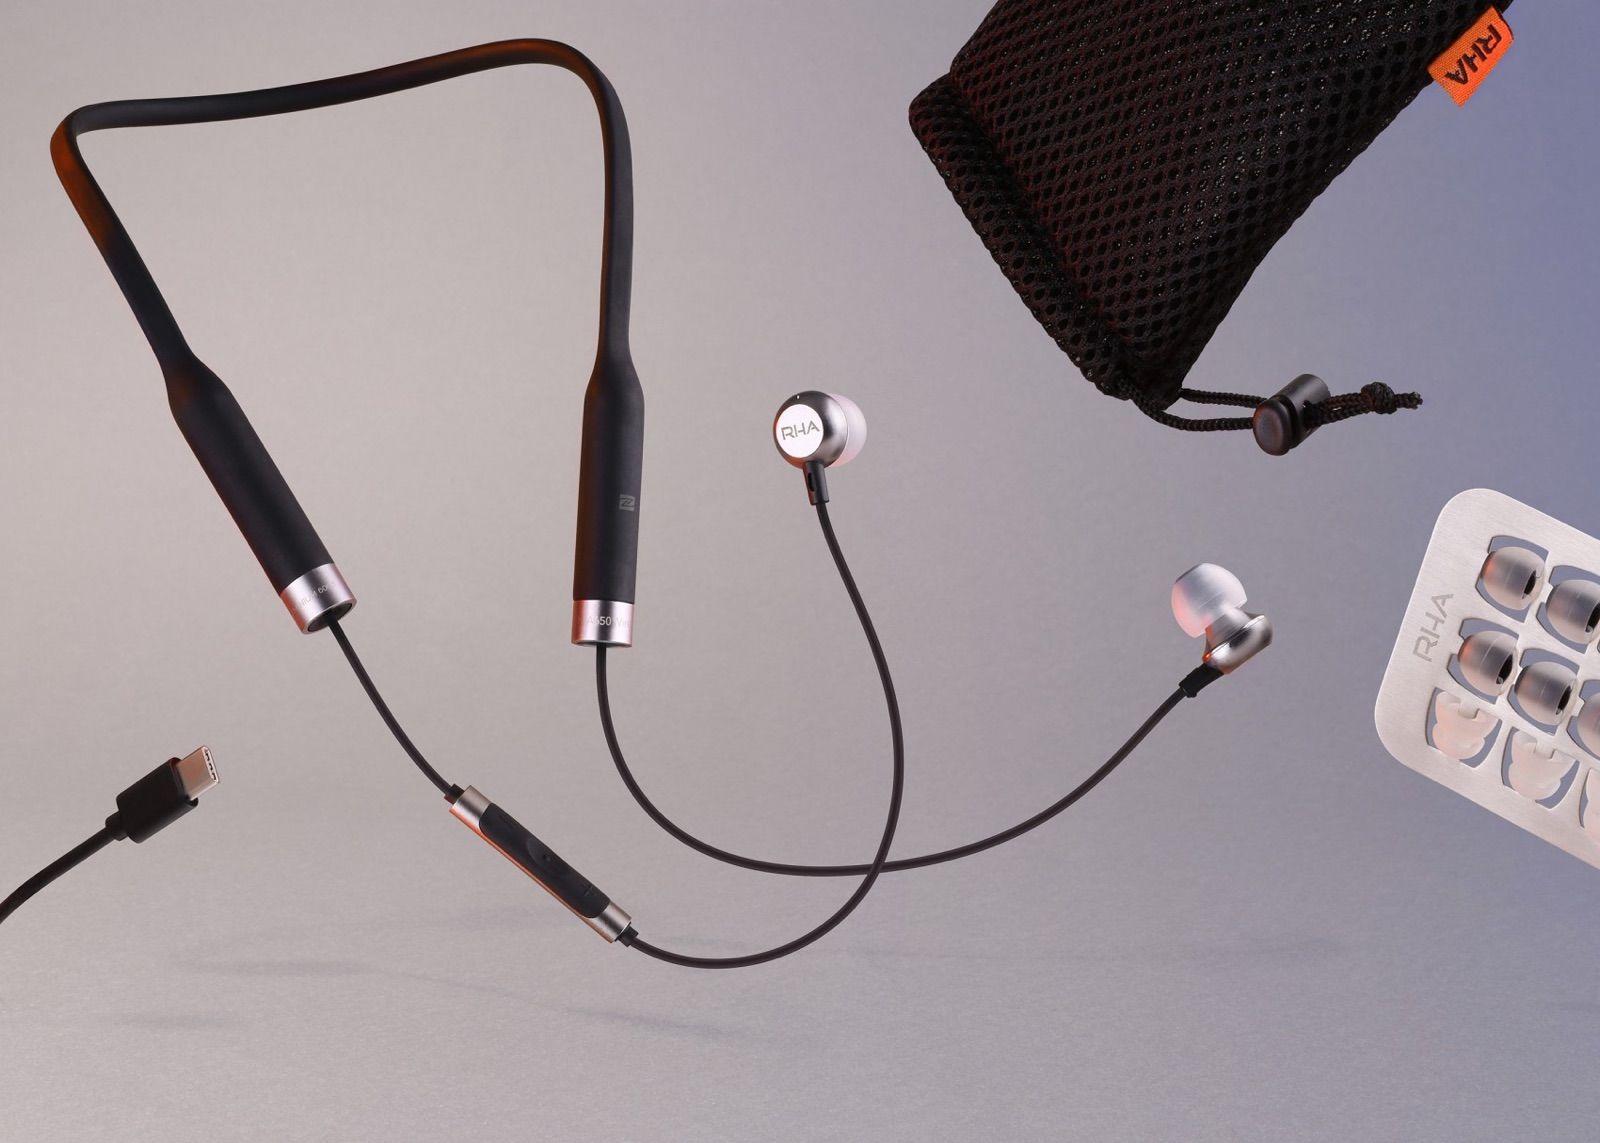 Contenido de los RHA MA650 Wireless